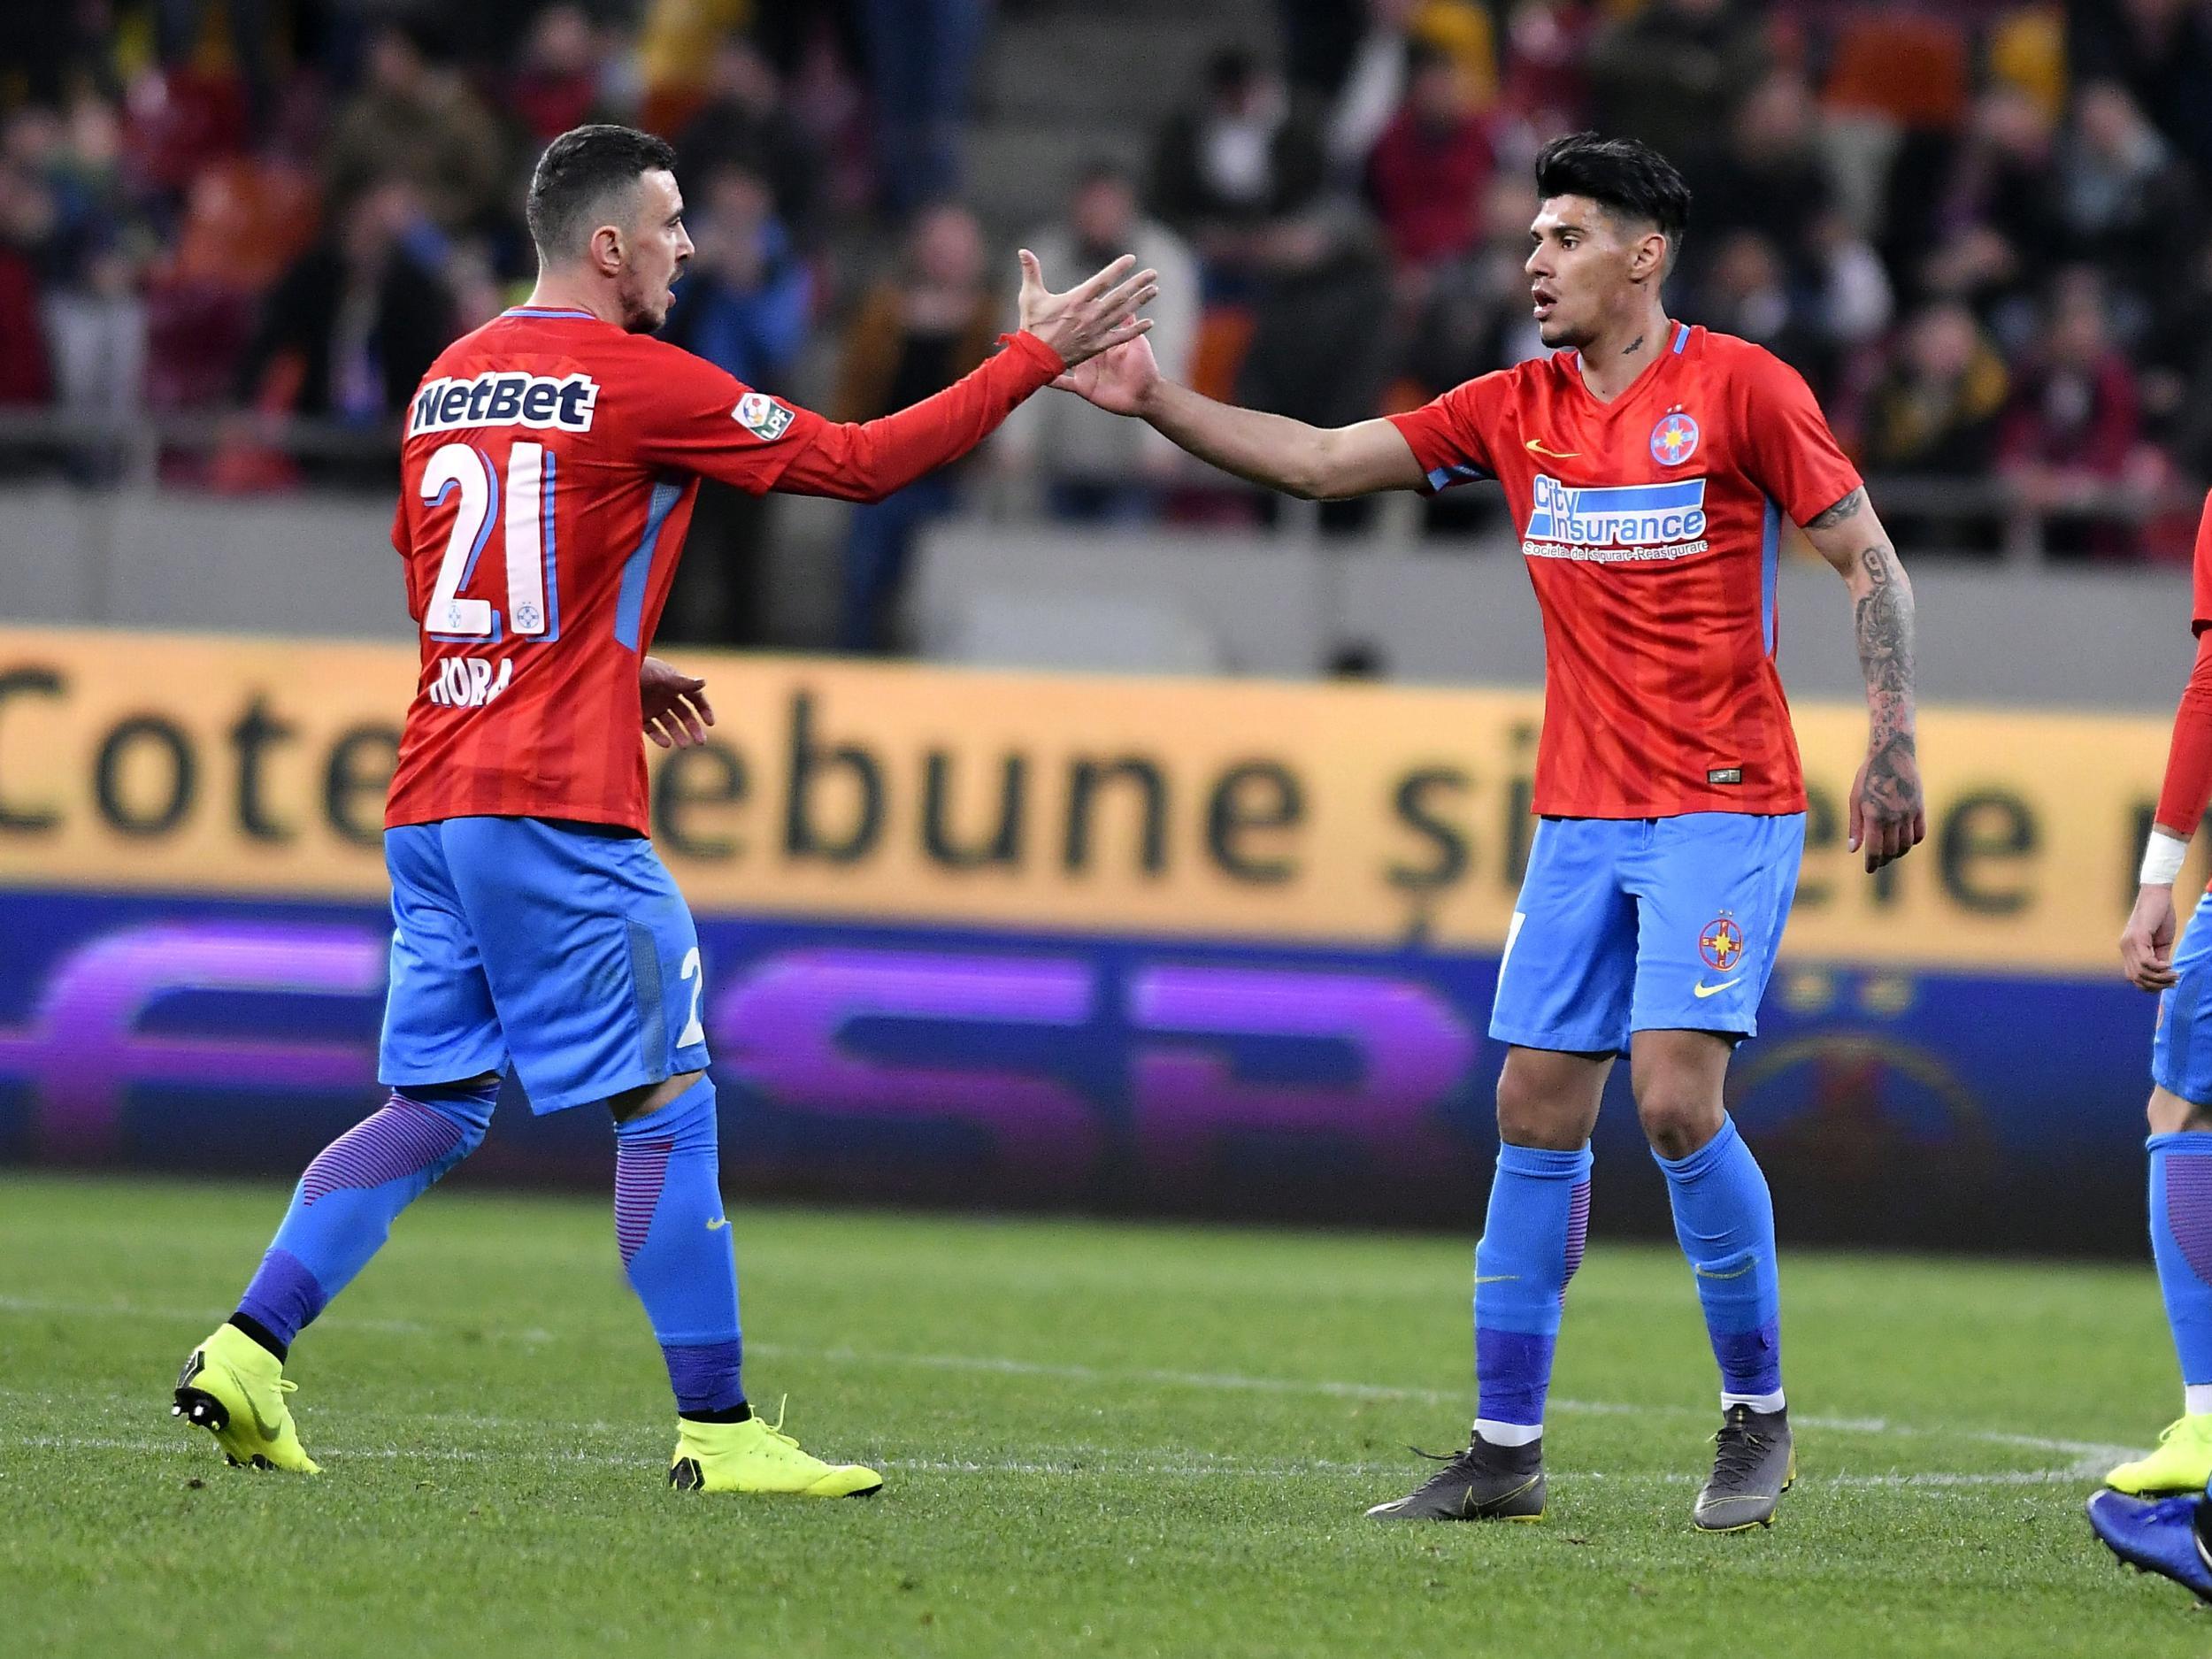 FCSB - FC VIITORUL 1-2